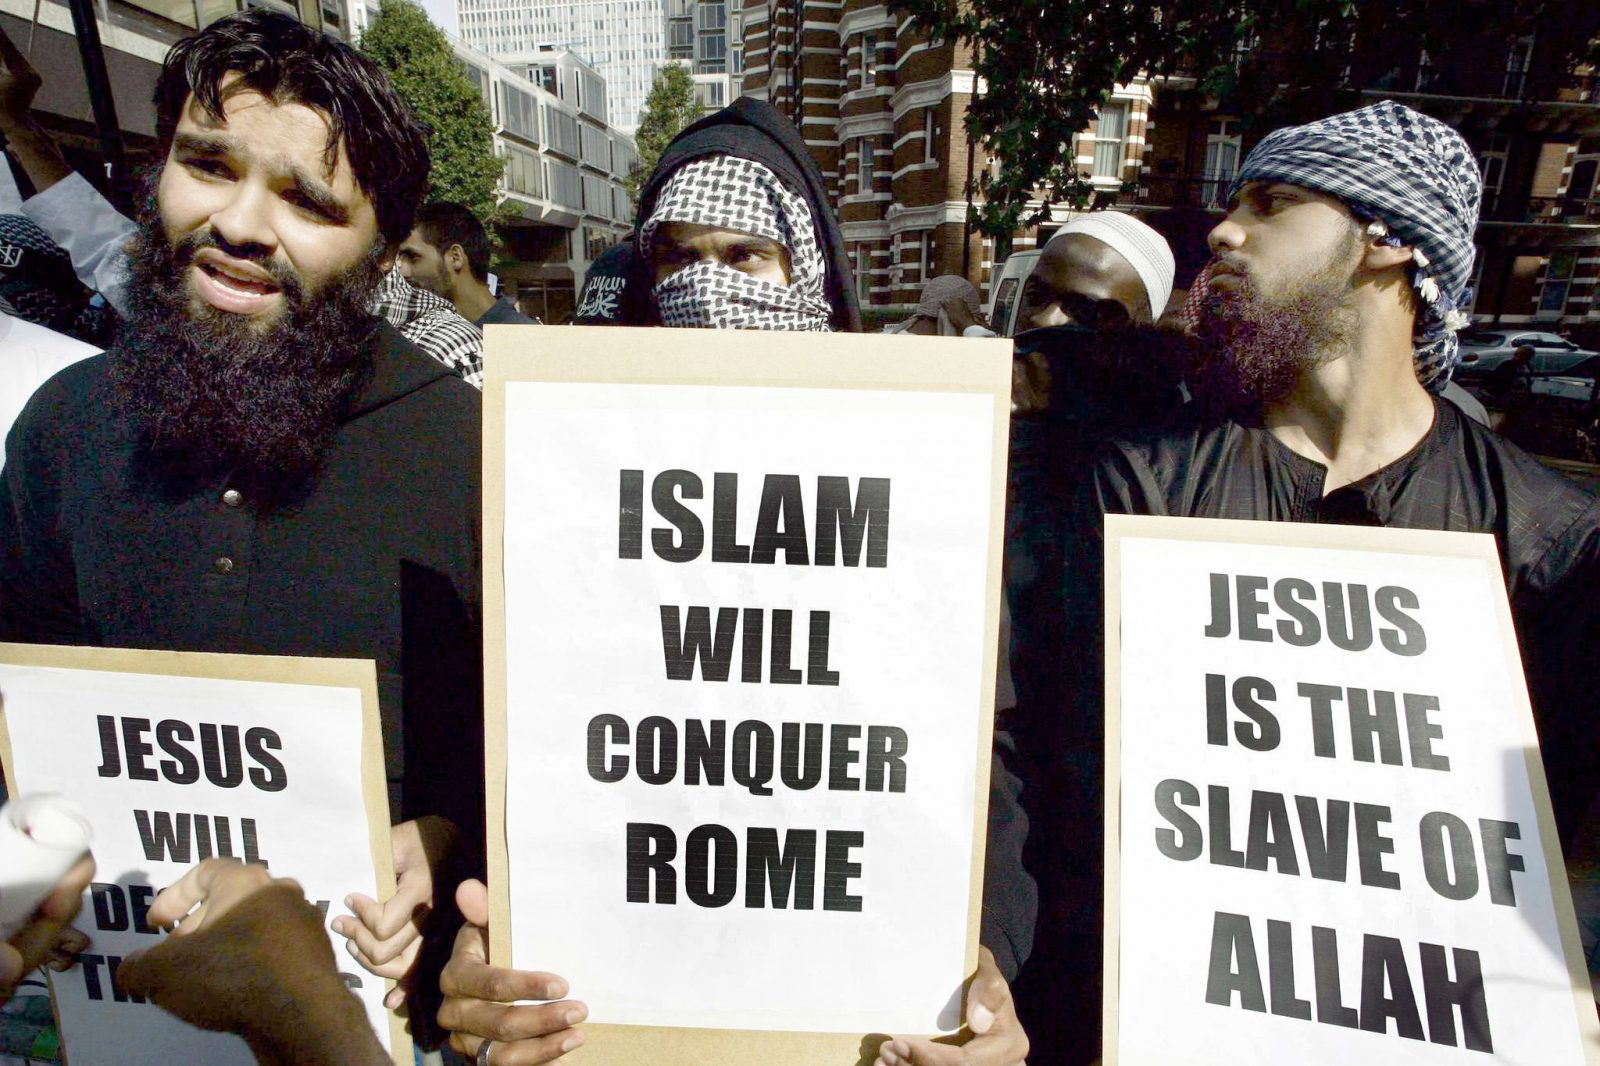 Moslems demonstrieren in London gegen die katholische Kirche (Archivbild) Foto: (c) dpa